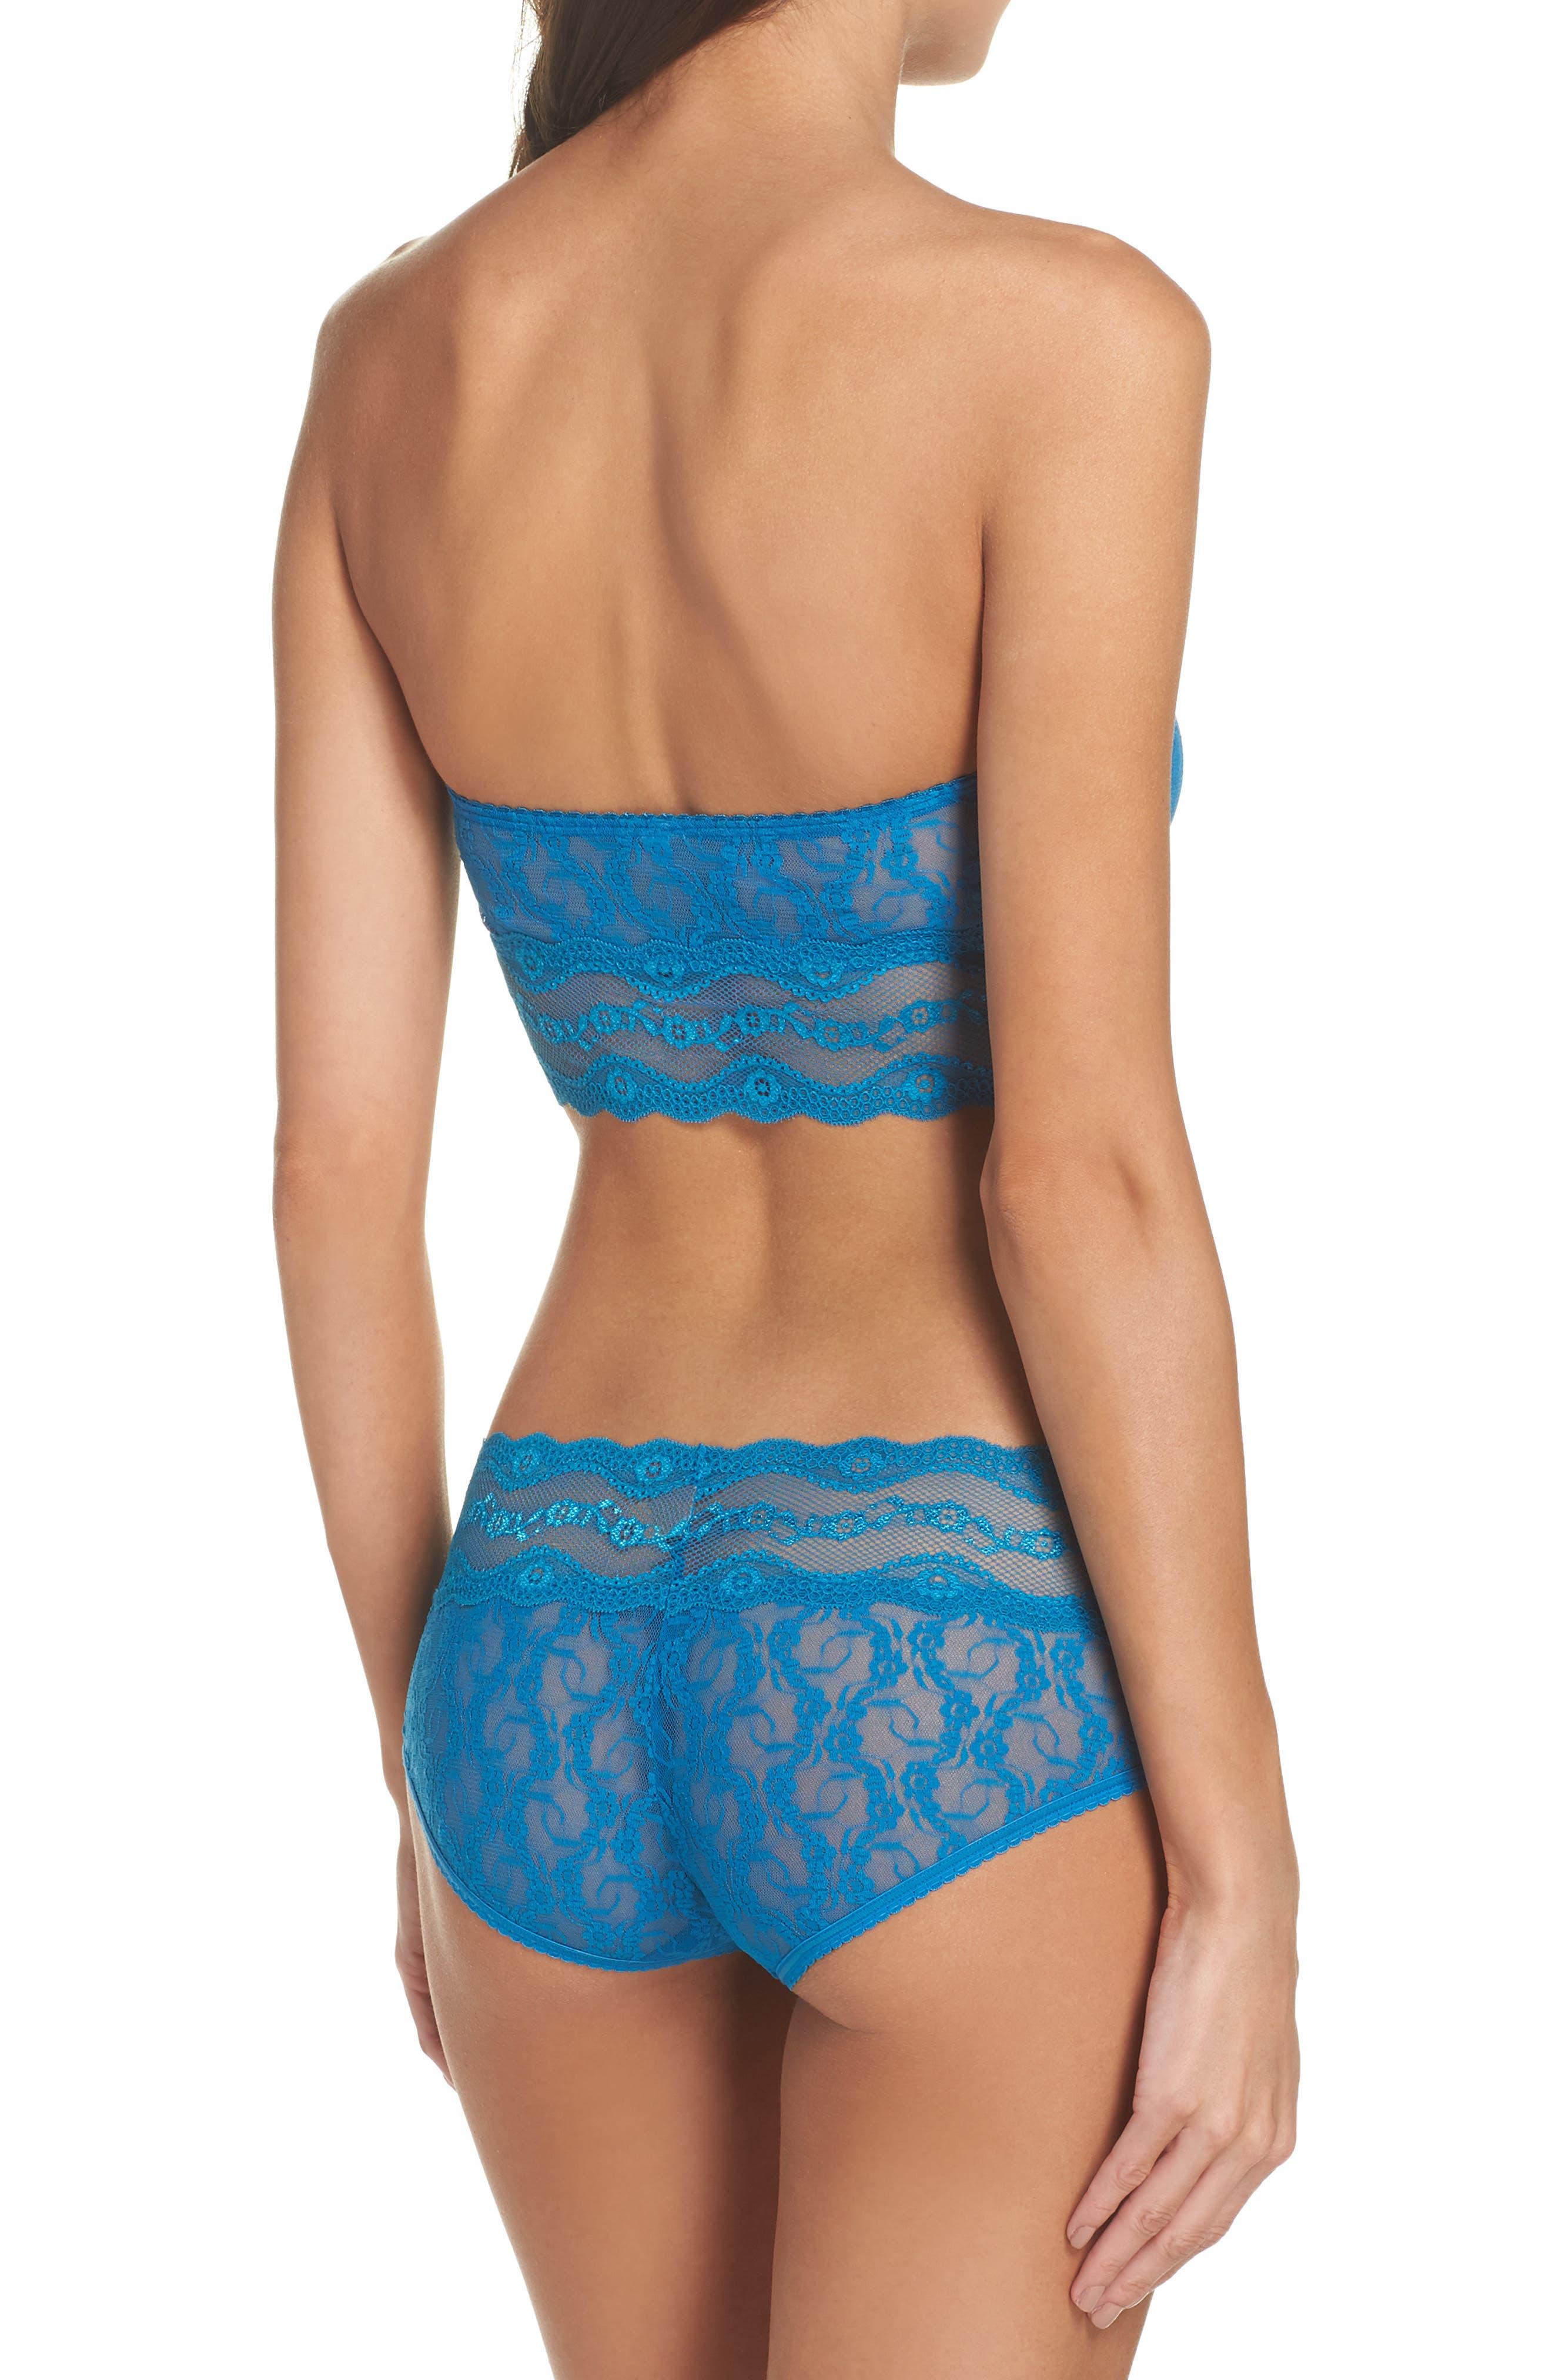 Lace Kiss Bandeau Bra,                             Alternate thumbnail 6, color,                             Mykonos Blue